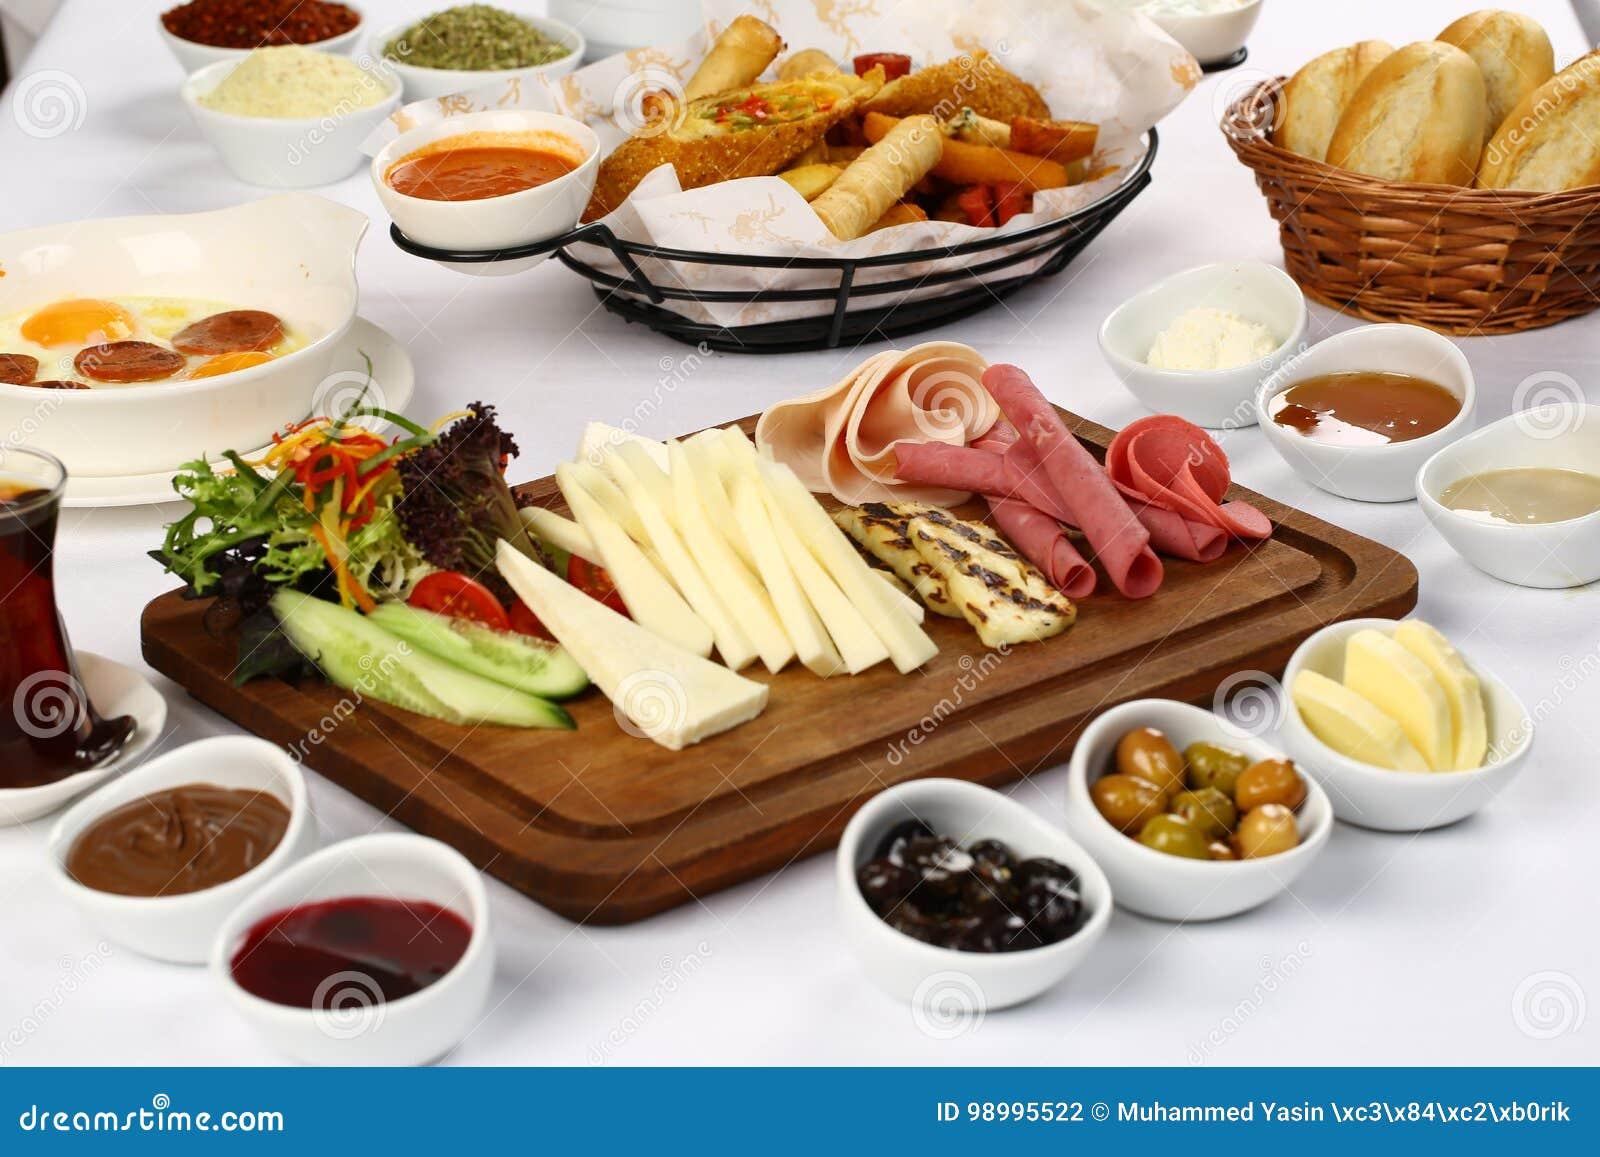 Lebensmittel Frühstücks-Platte